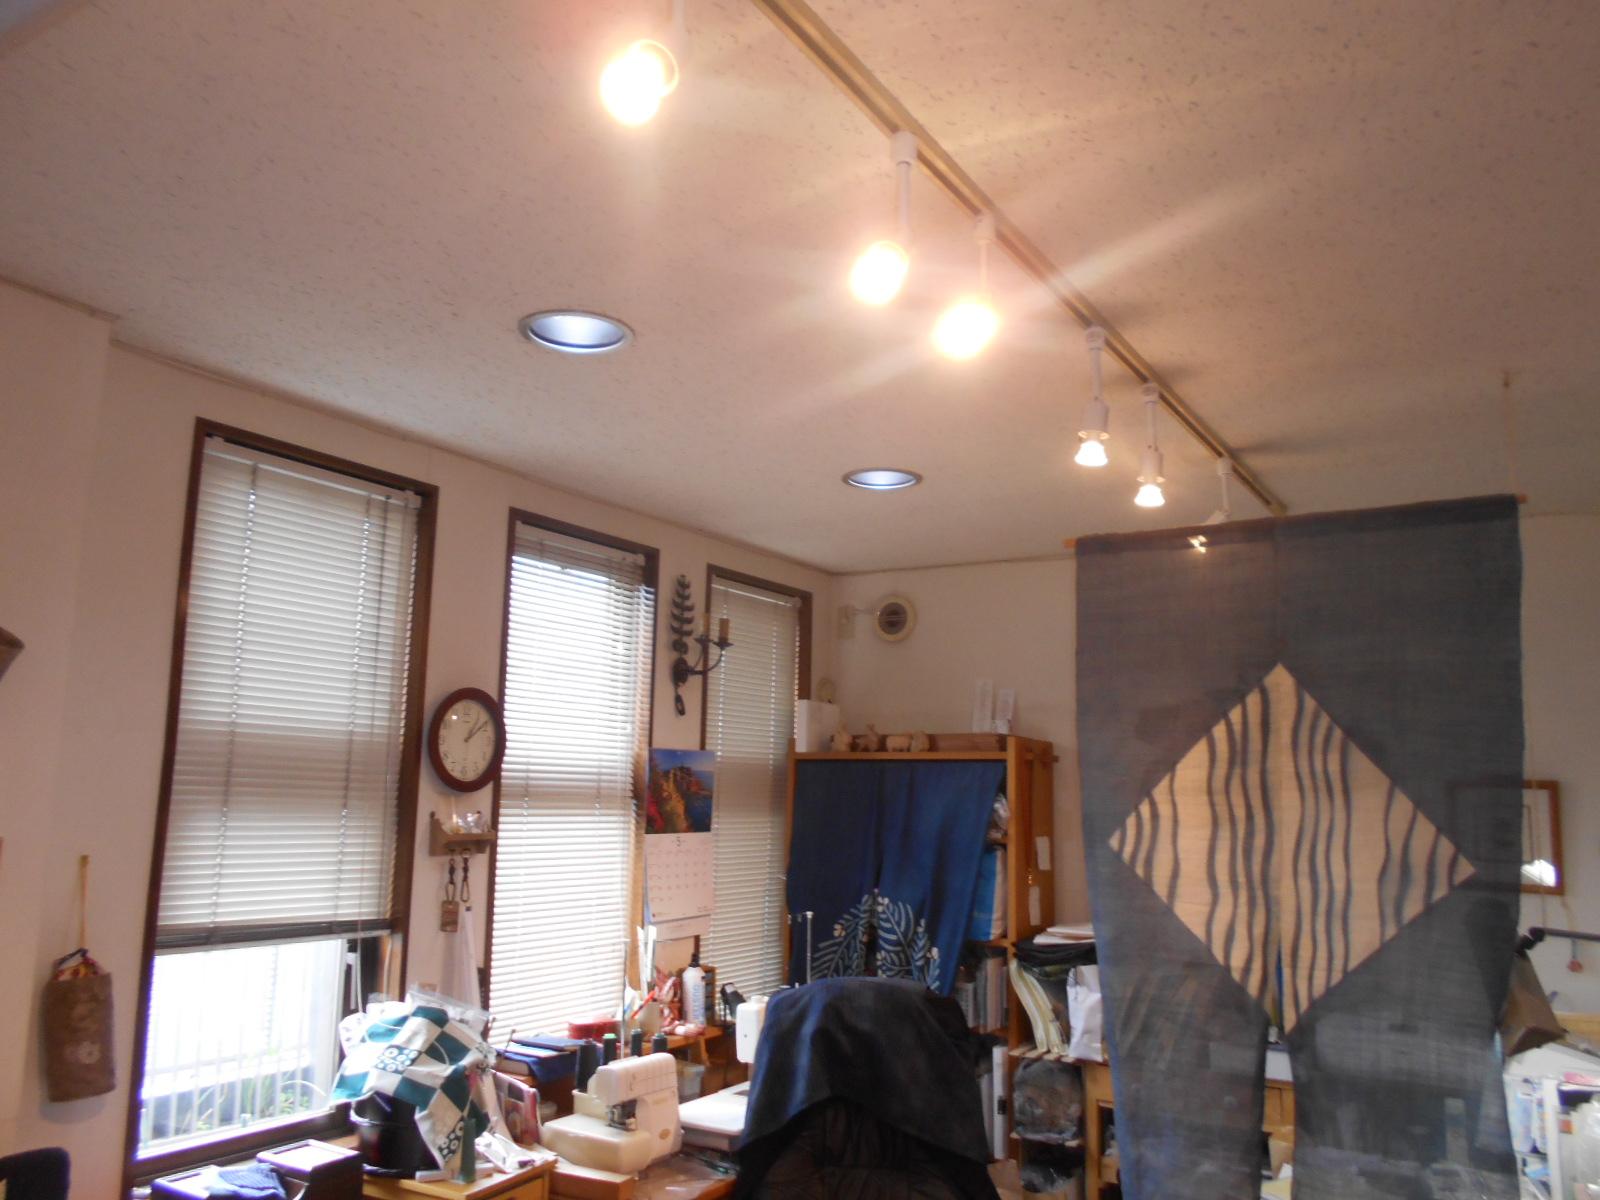 浜松市 ギャラリー風悠様 裂織教室